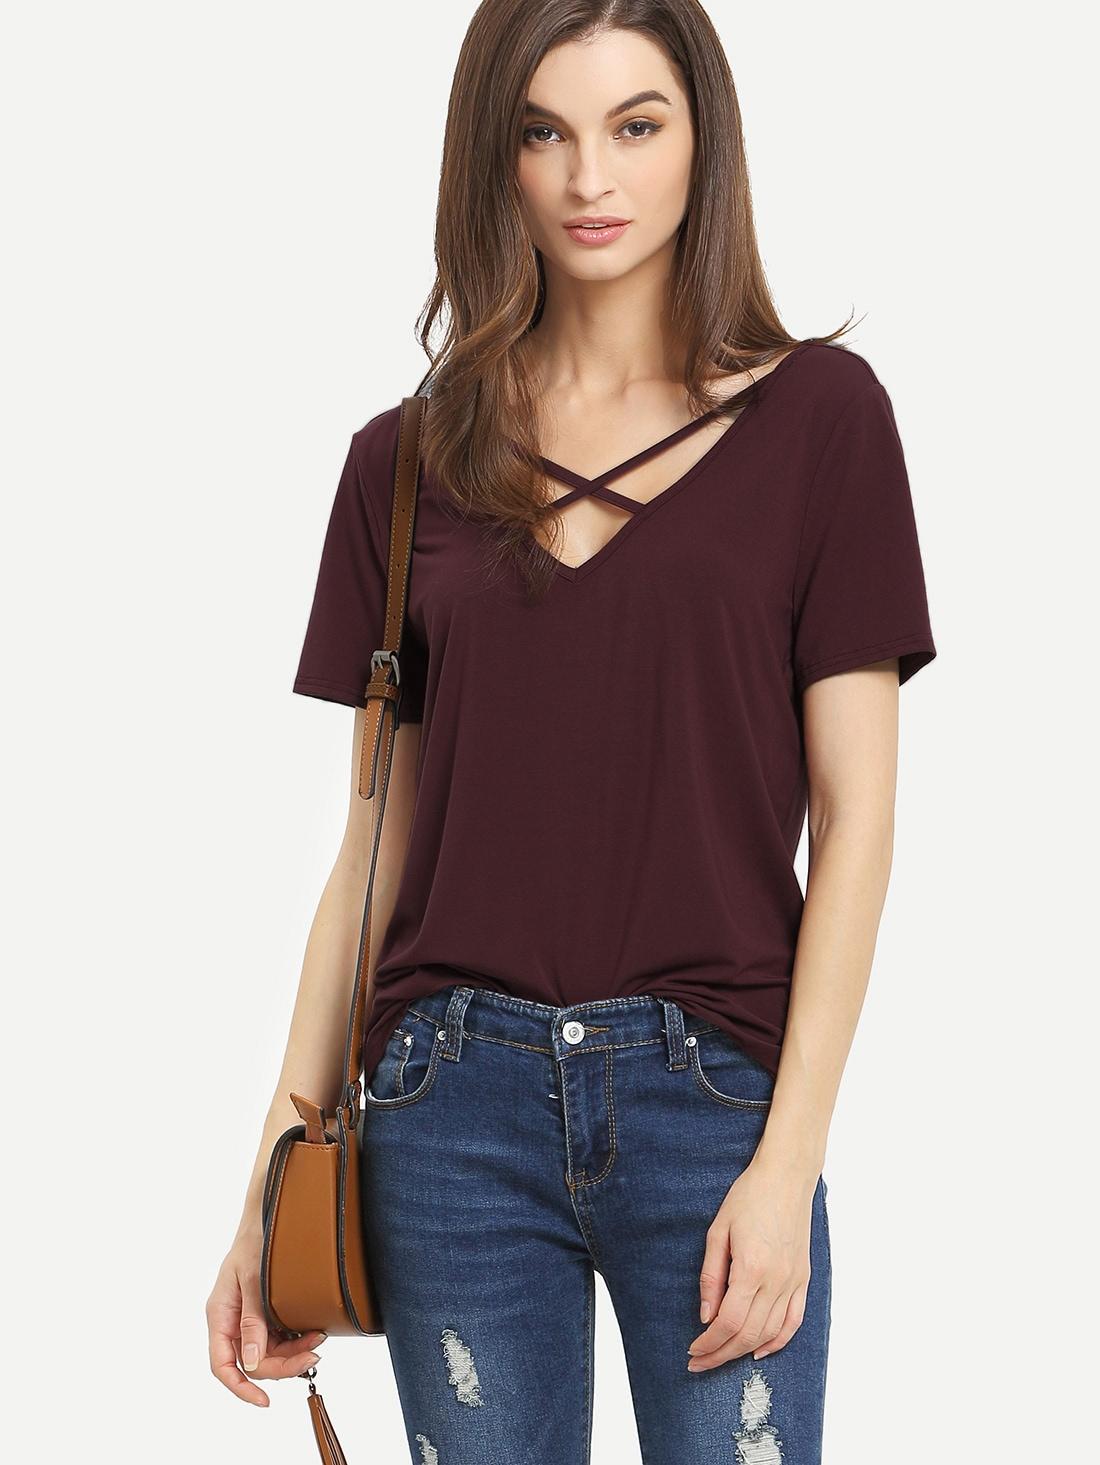 Criss Cross Front Casual T-shirt empire waist criss cross front casual dress